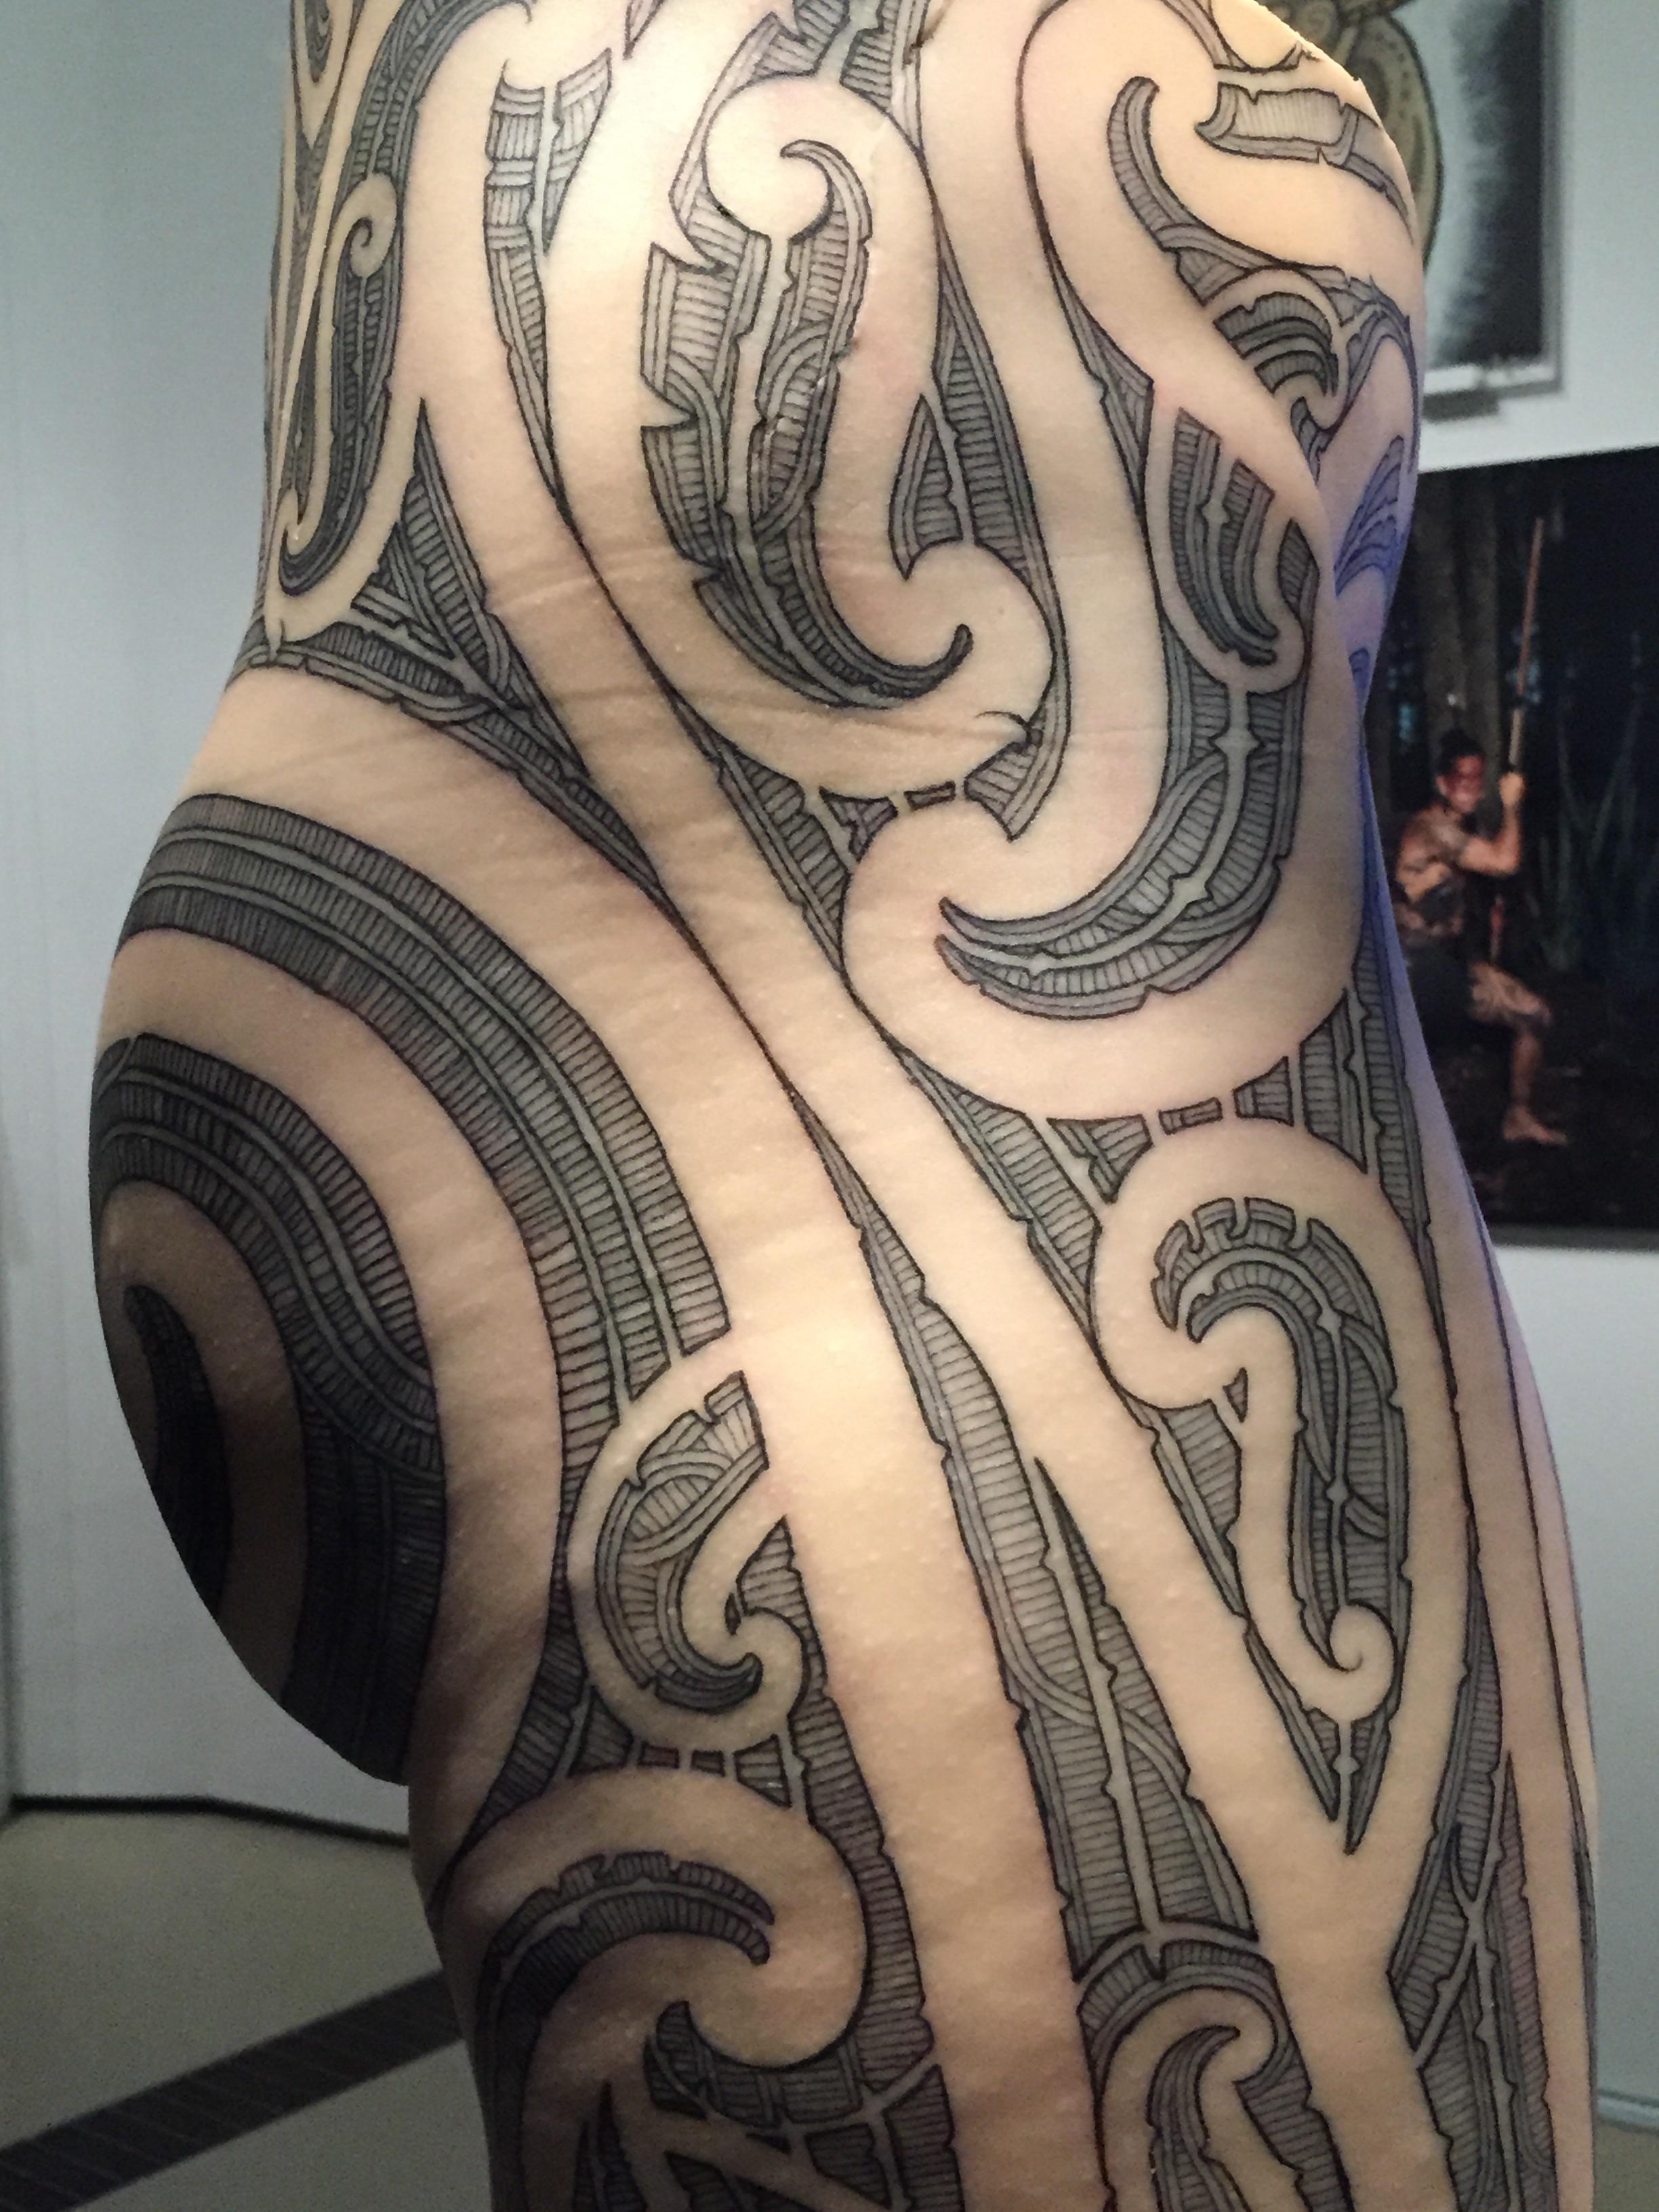 image 23 Другая SOVA ROM, tatoo, выставка, идентификация, искусство, Марк Джейкобс, одержимость, ритуал, тату, татуировк, Тин-Тин